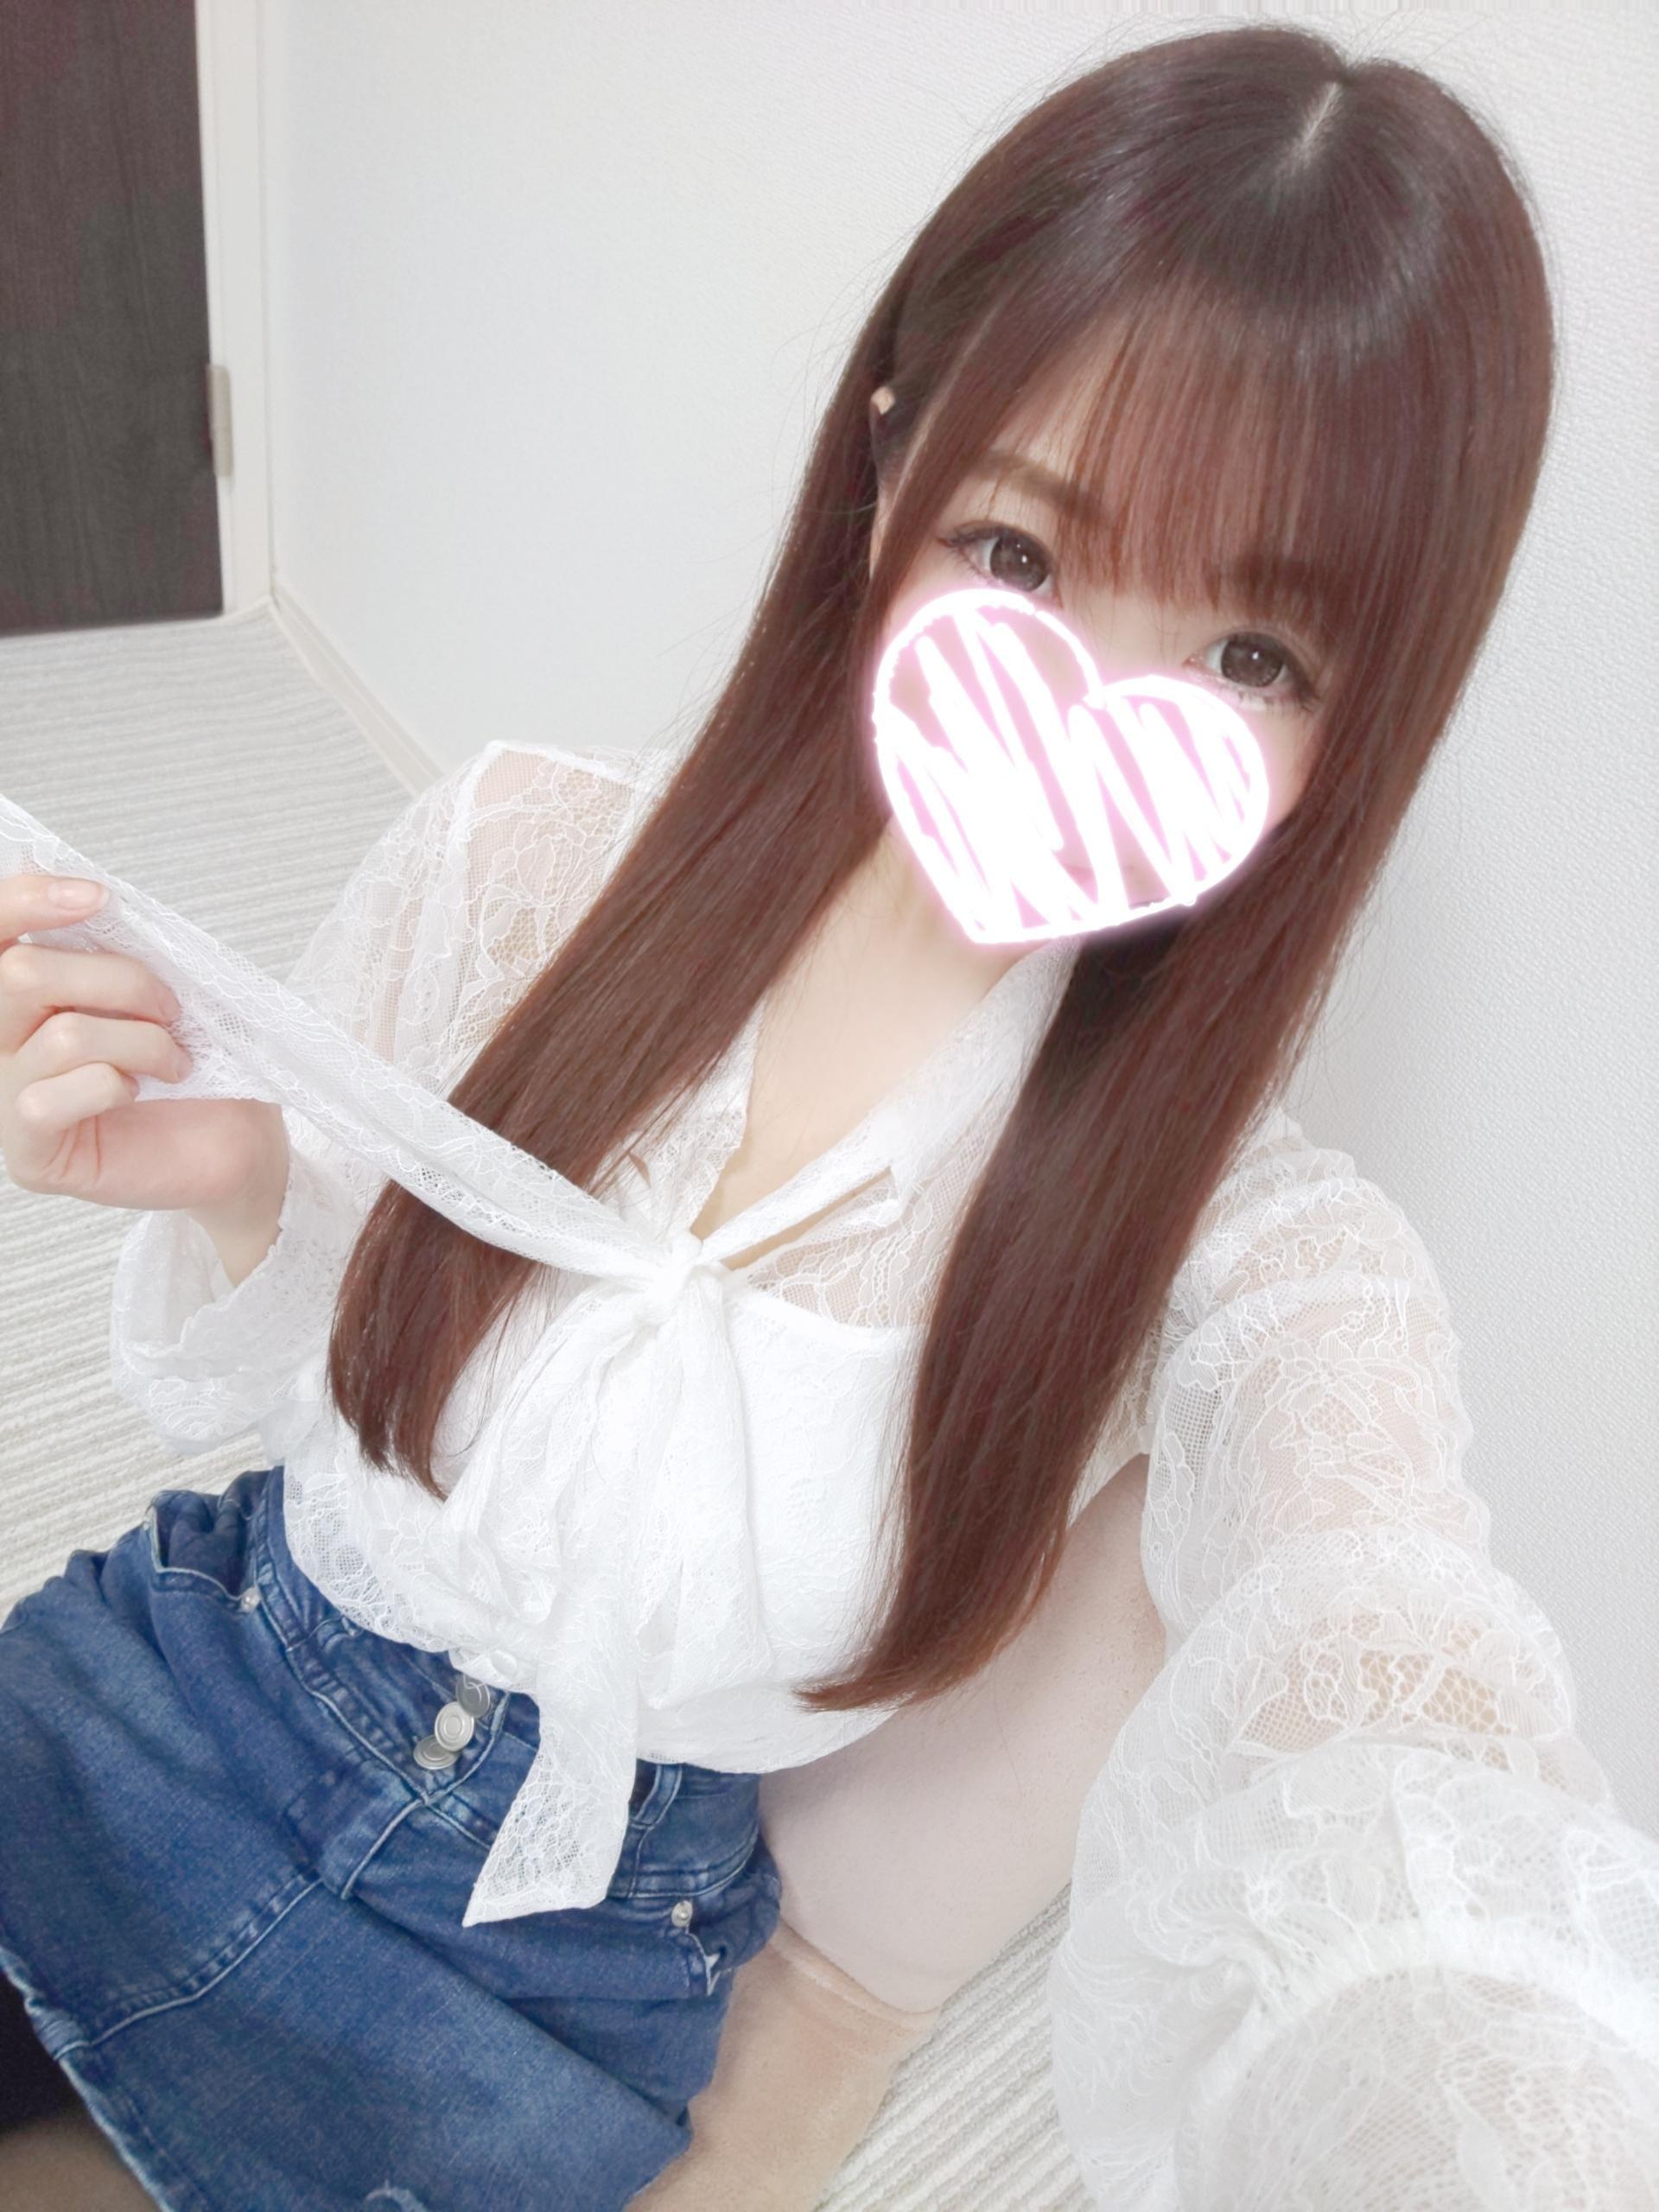 「昨日のお礼です♪」05/09(日) 19:33 | 夏目ここみの写メ・風俗動画